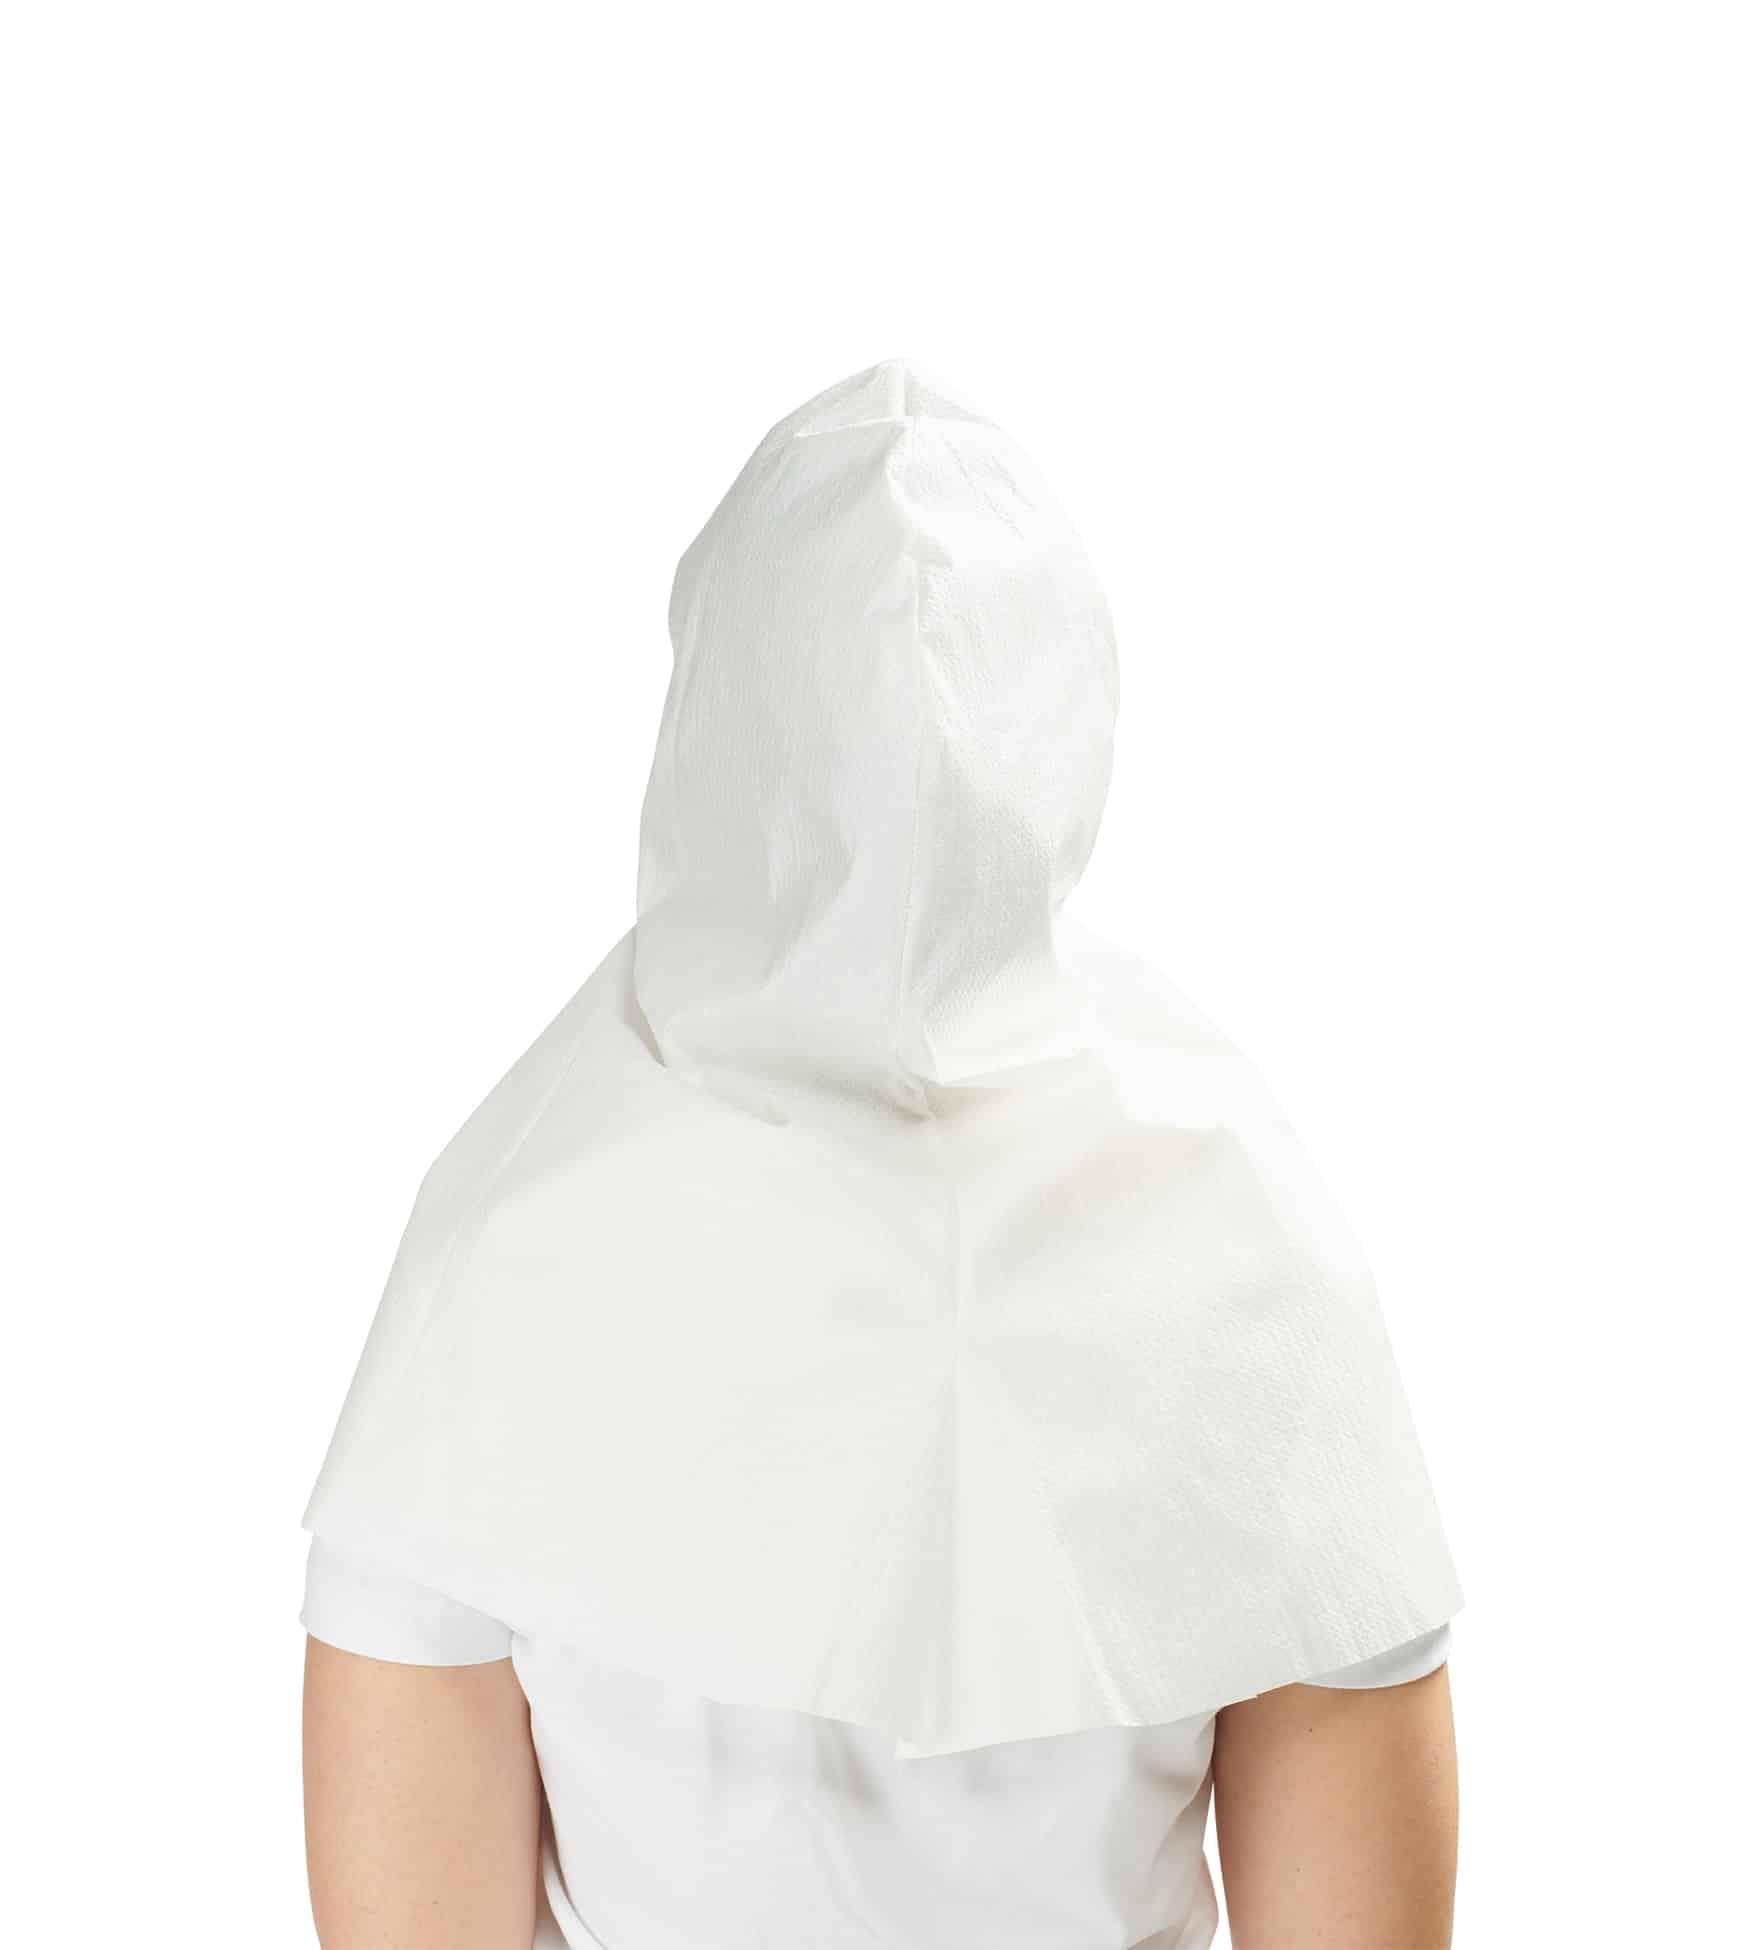 cógulas impermeáveis 3 - waterproof hoods - clothe protect